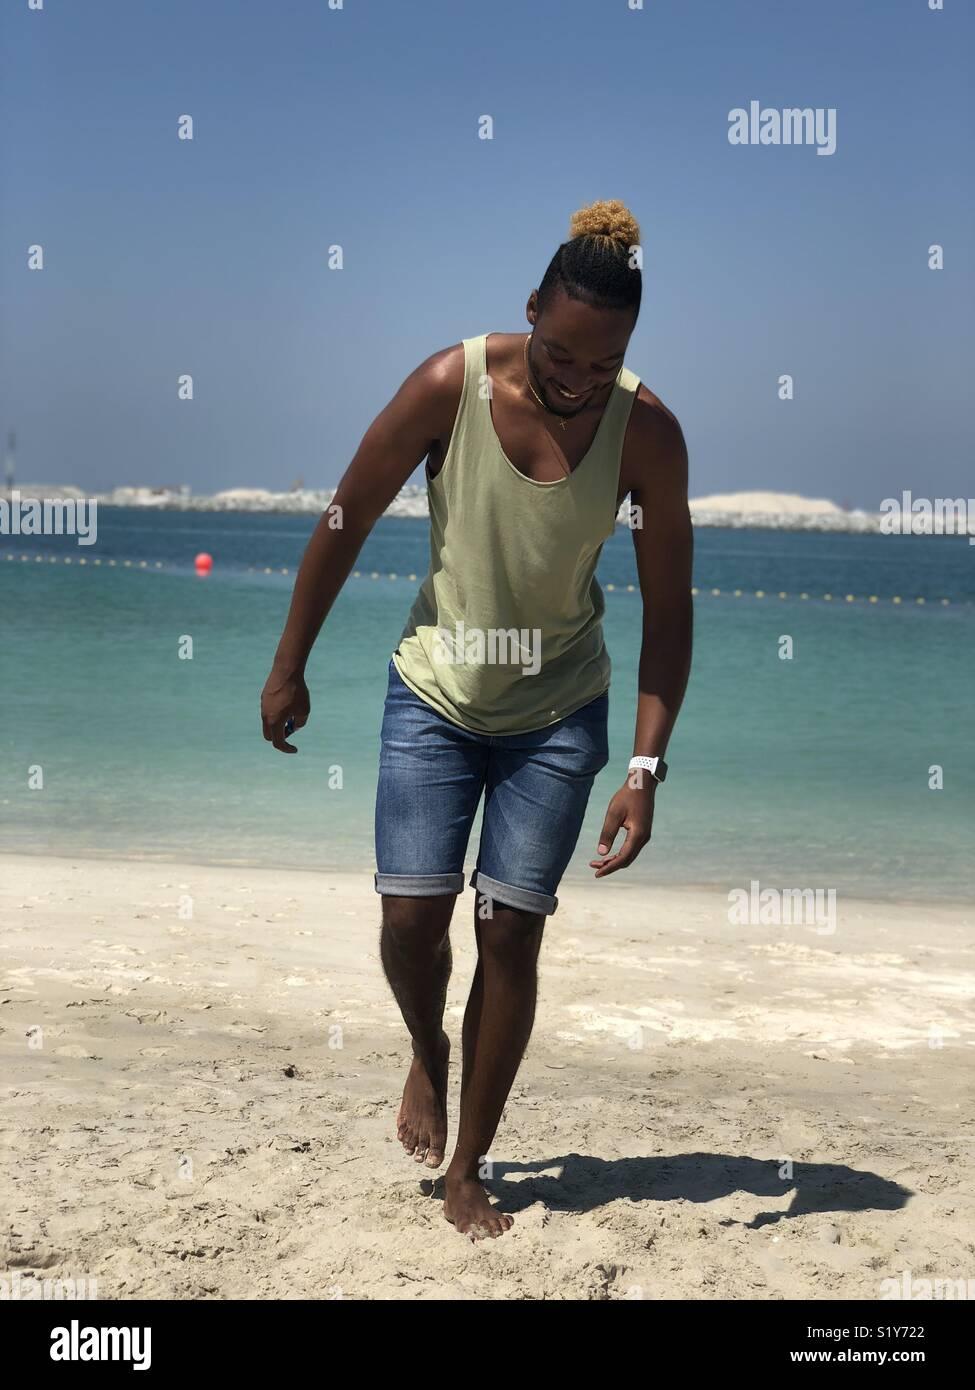 Vida de playa Imagen De Stock